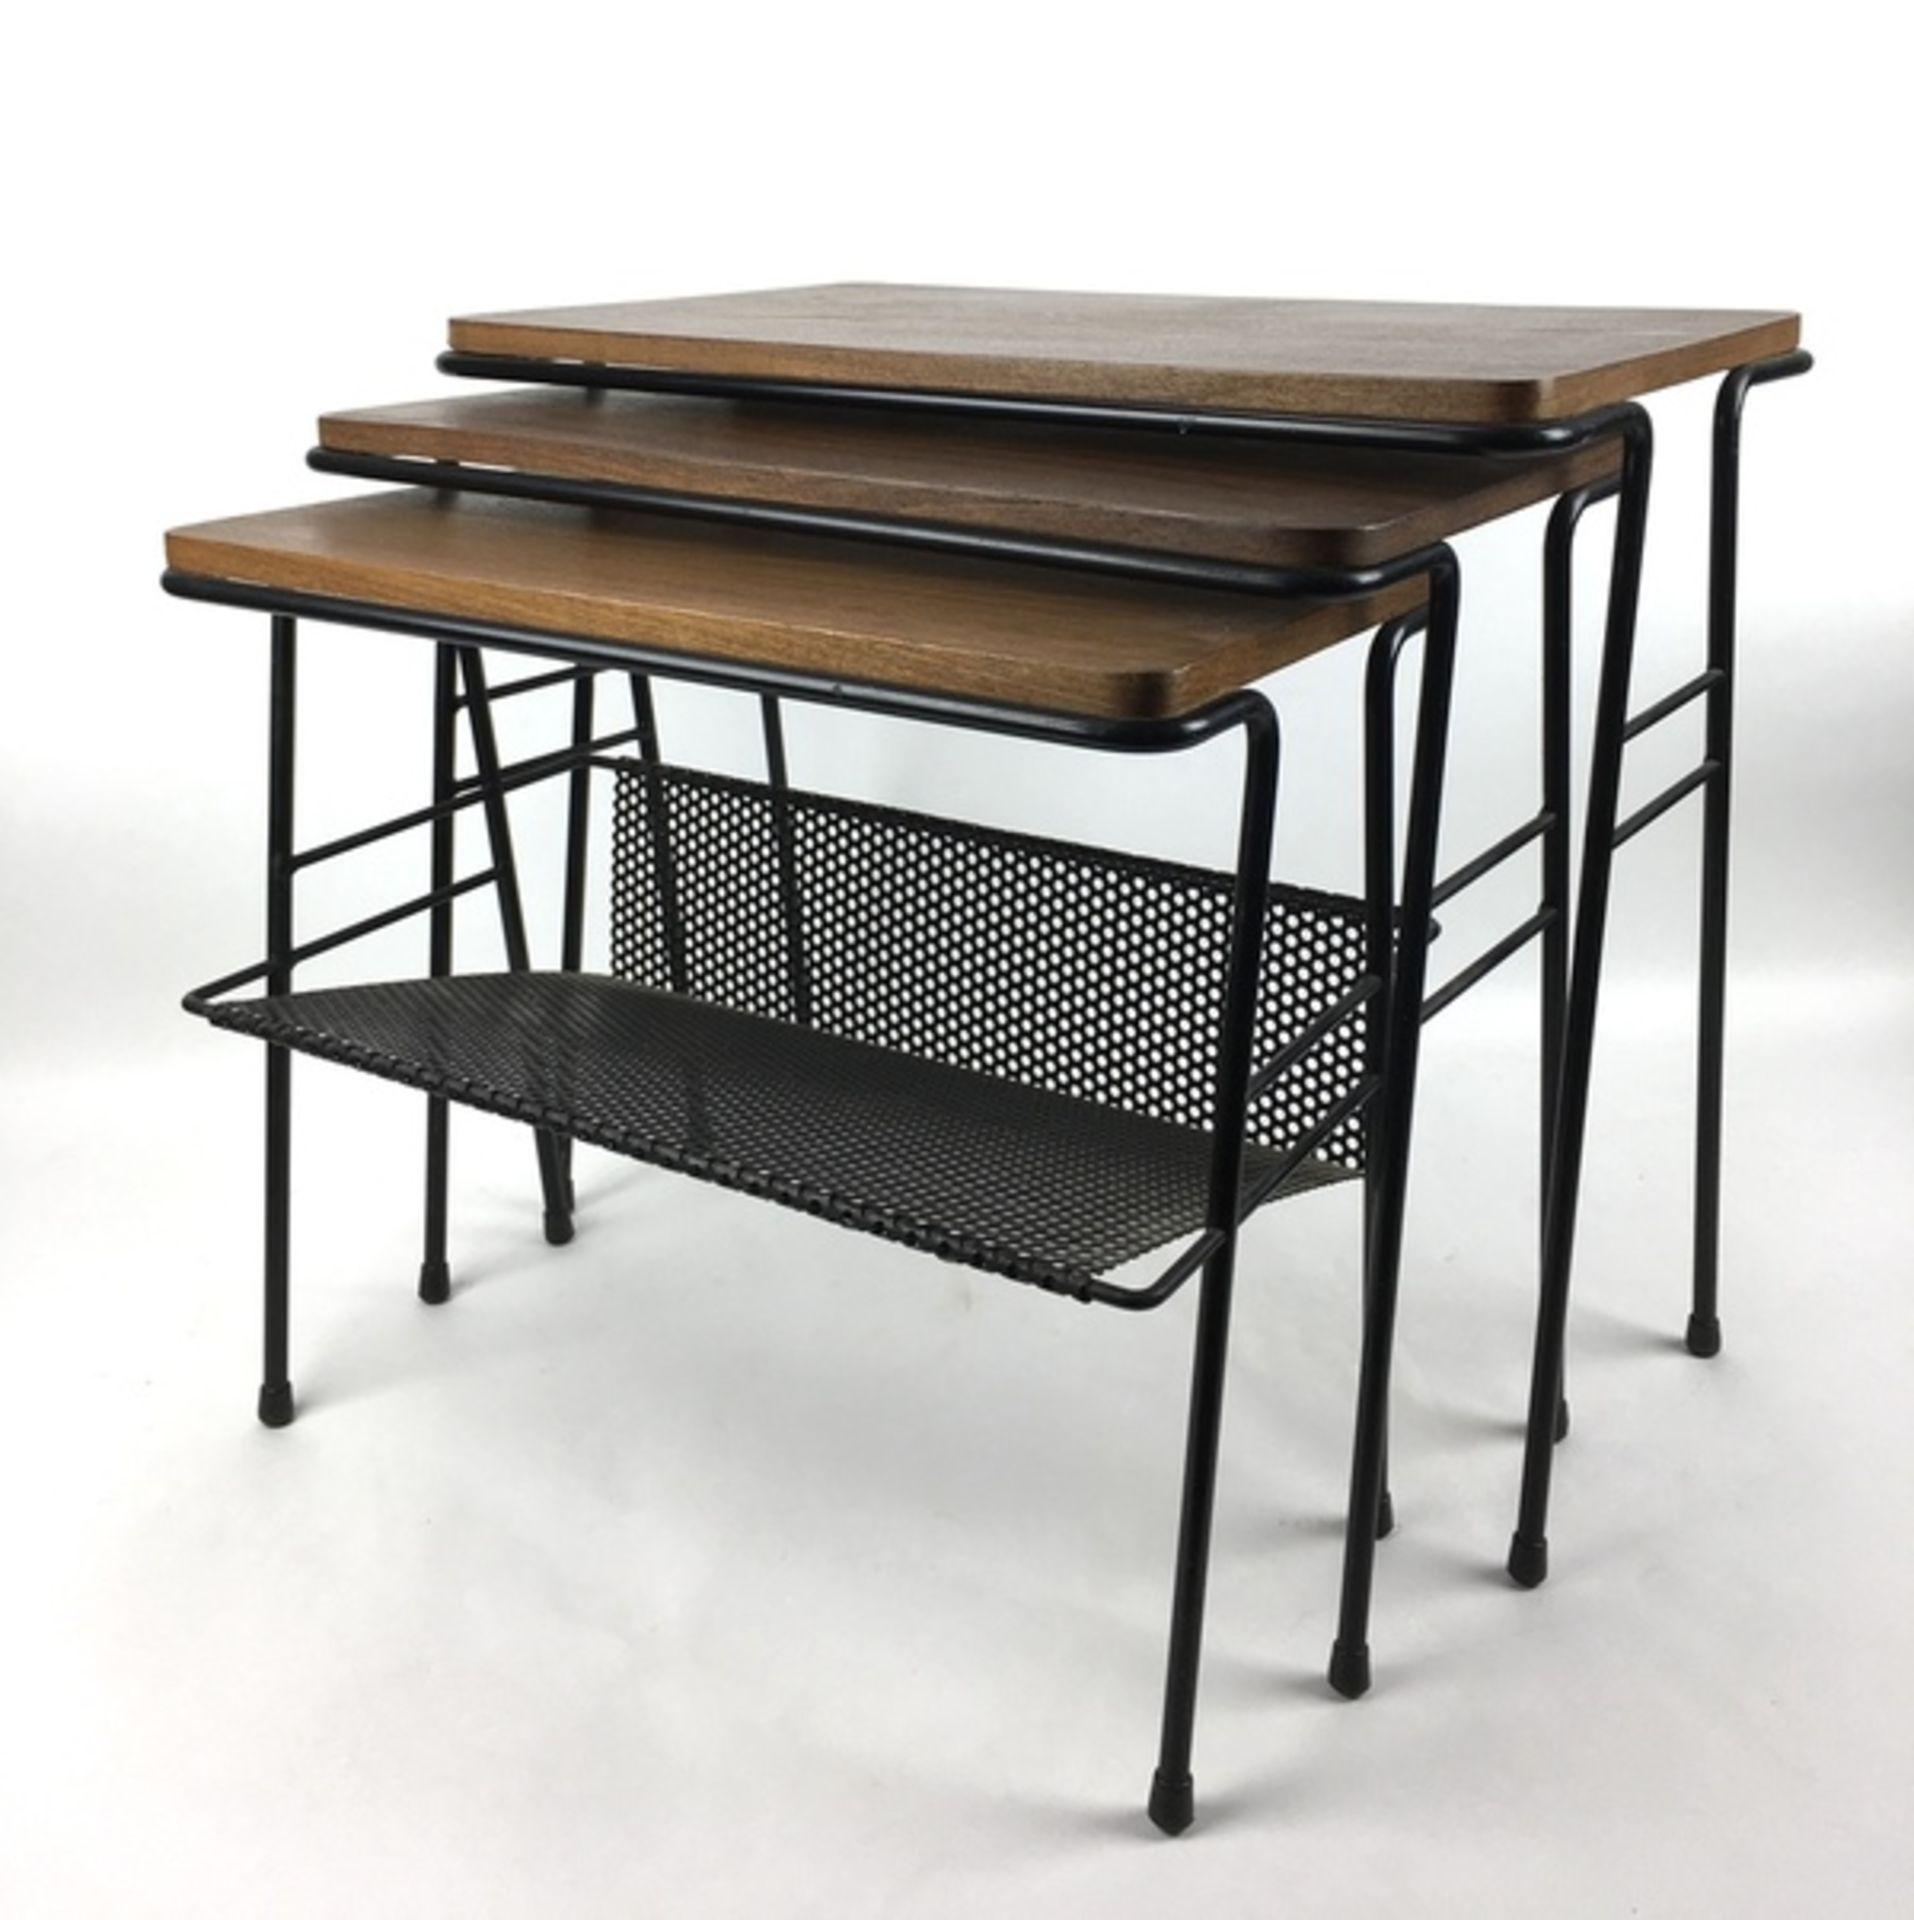 (Design) BijzettafelsSet van drie nestende bijzettafels, draad met hout. Kleinste tafel met gep